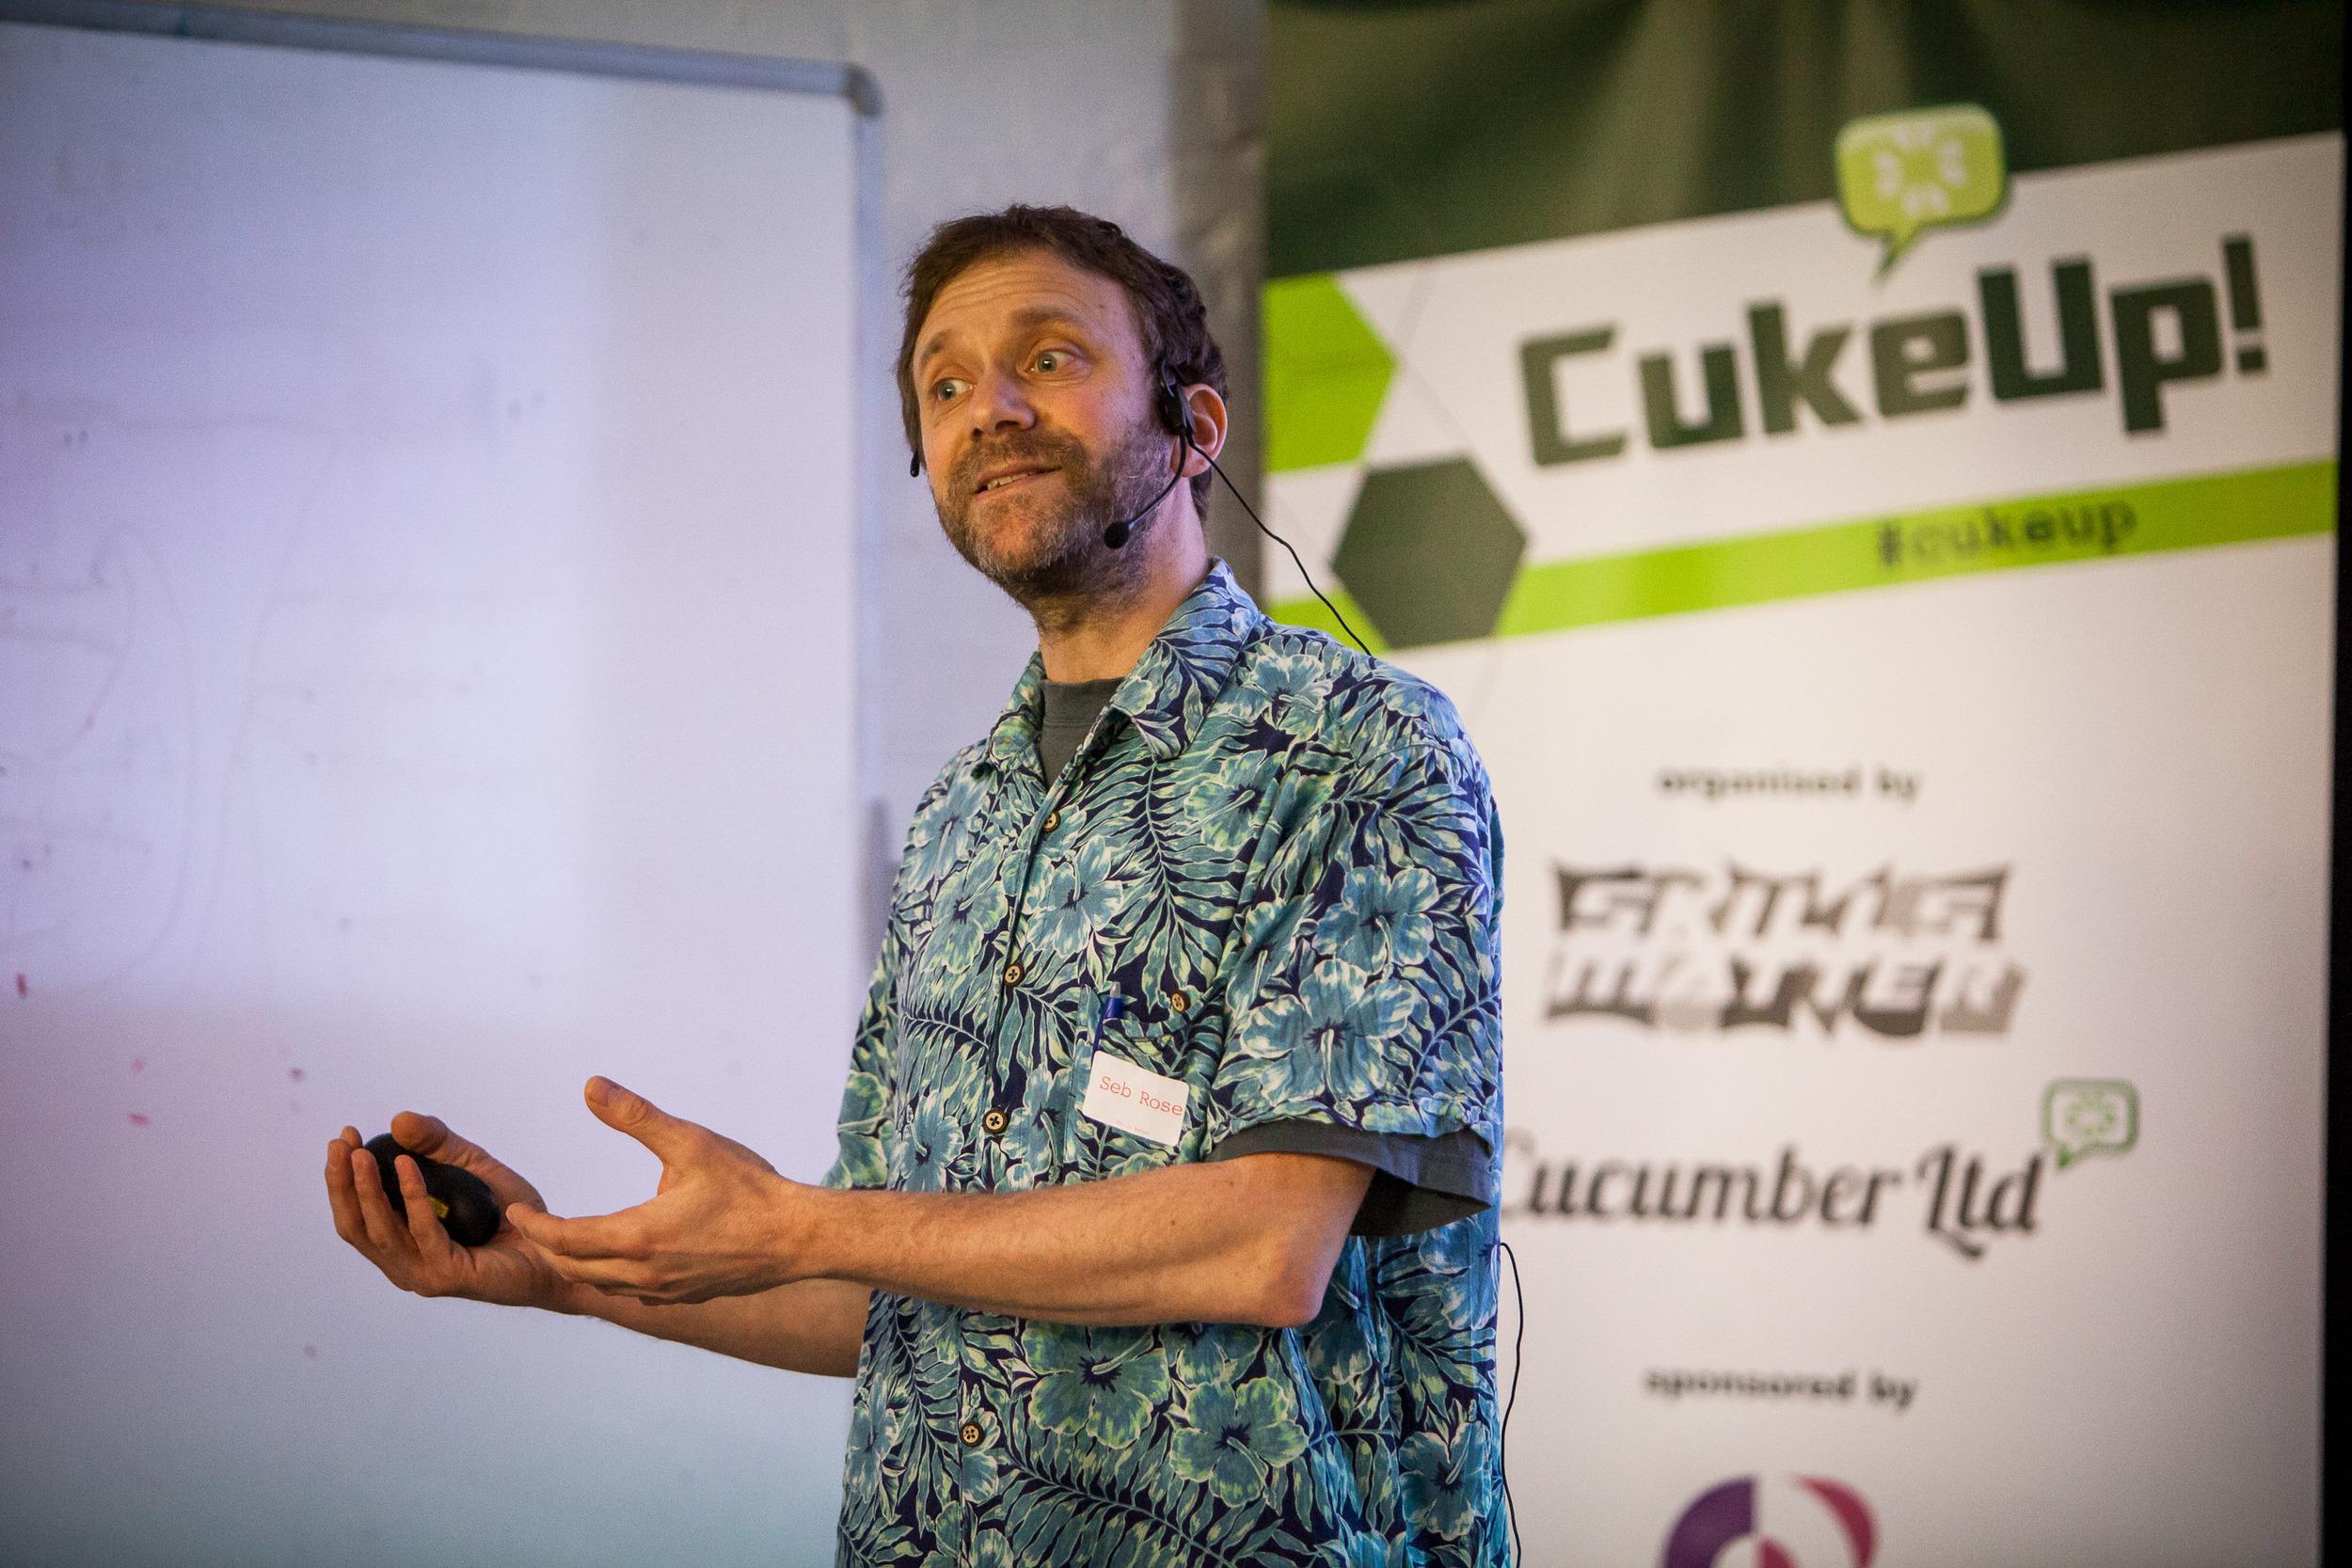 CukeUp 2015 (92 of 202).jpg